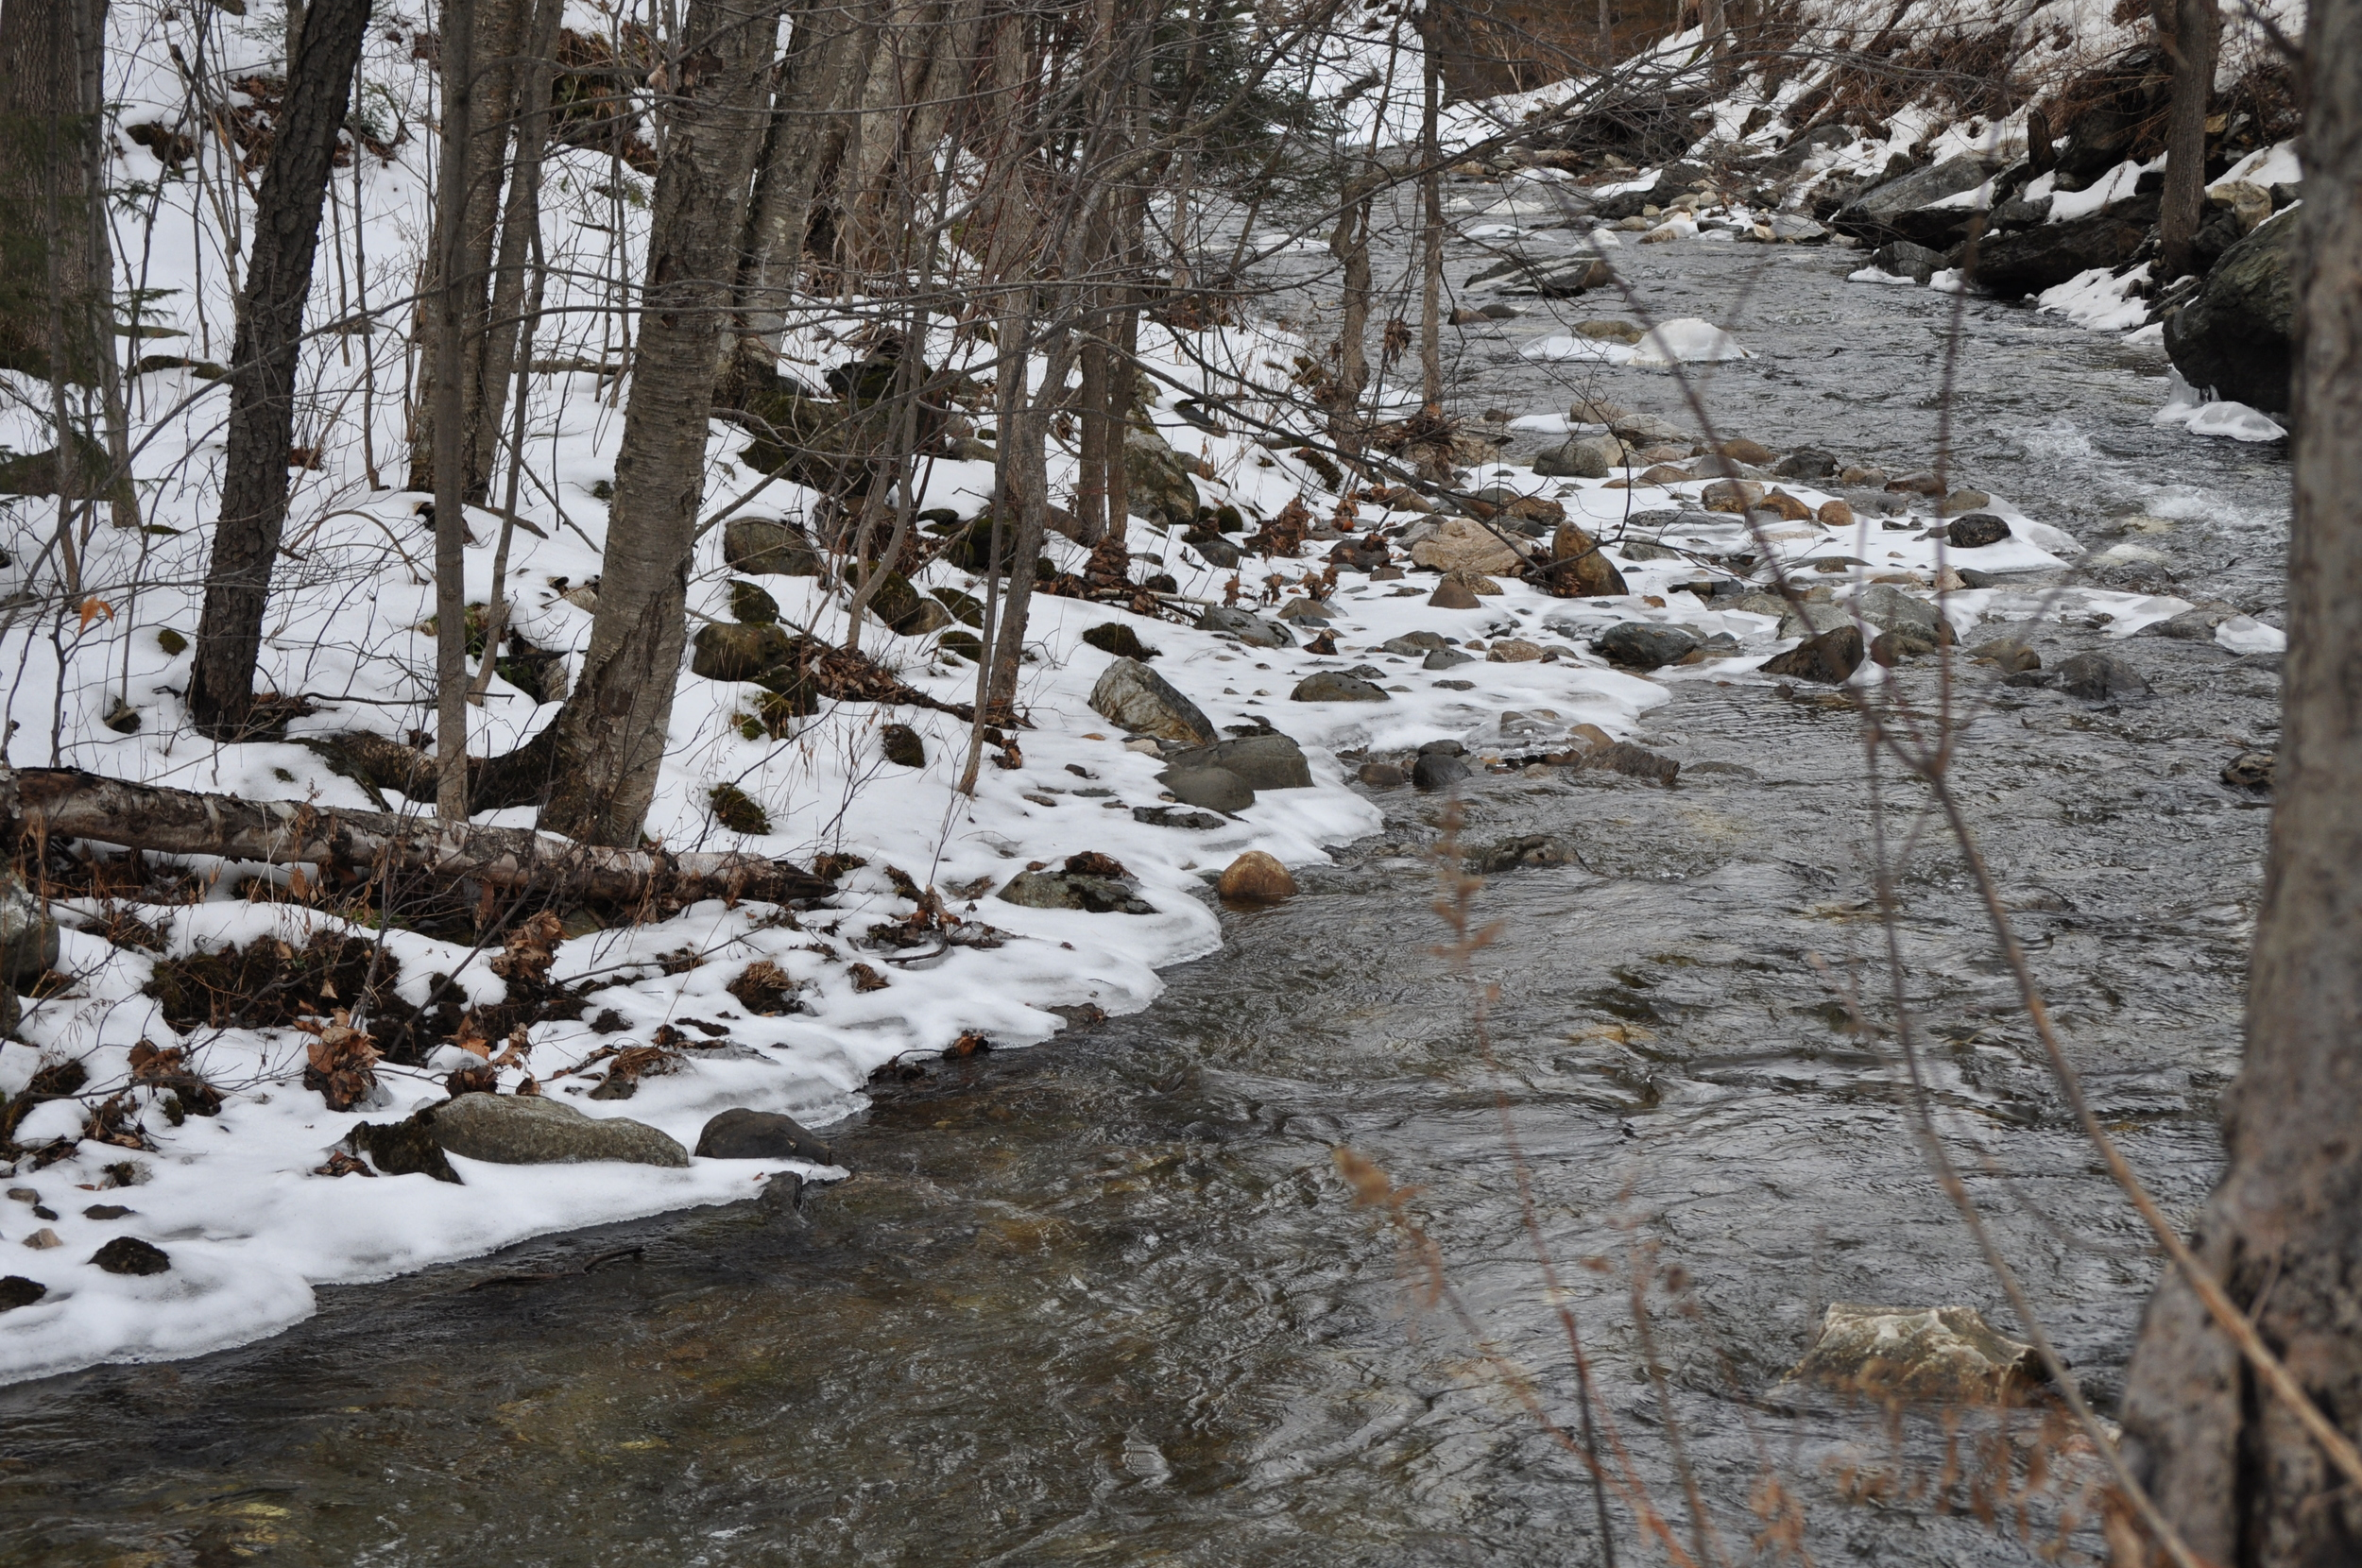 El río casi congelado. Foto: Pamy Rojas